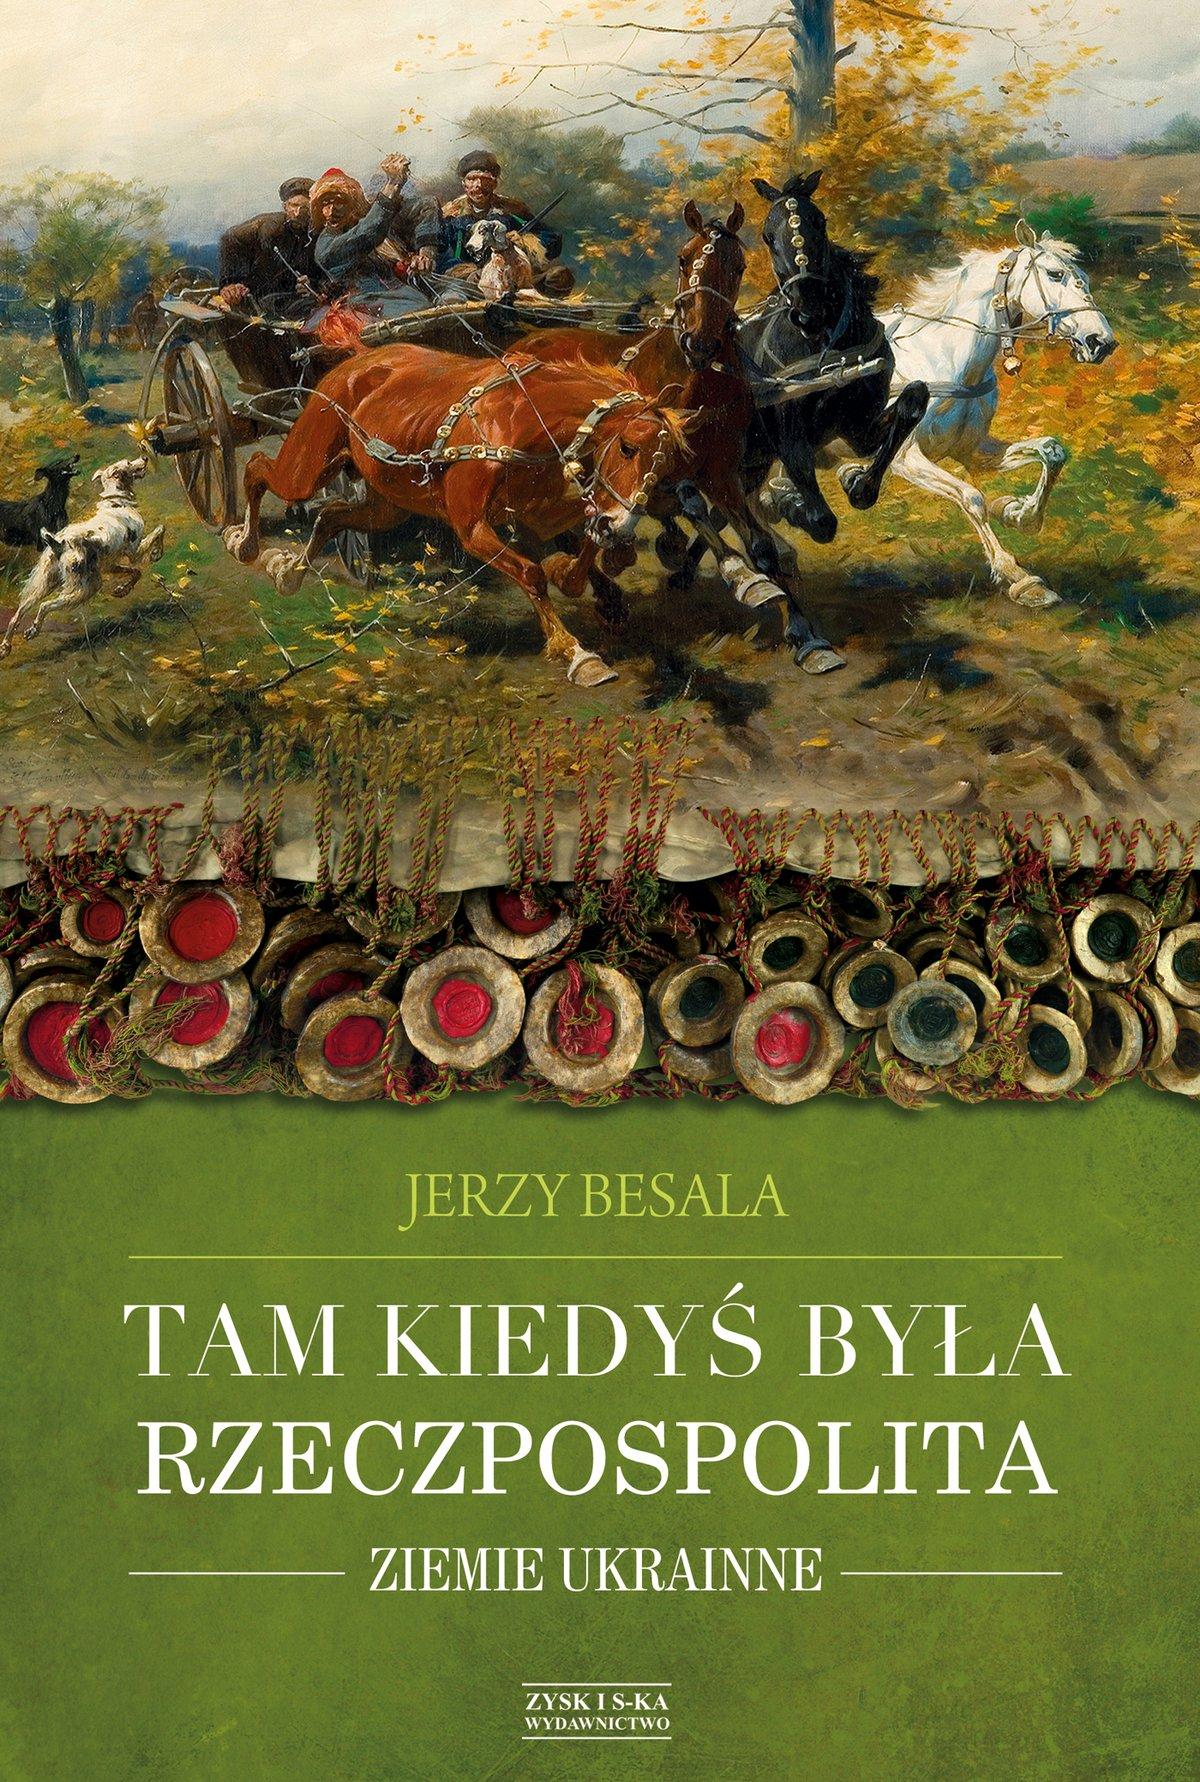 Tam kiedyś była Rzeczpospolita. Ziemie ukrainne - Ebook (Książka na Kindle) do pobrania w formacie MOBI